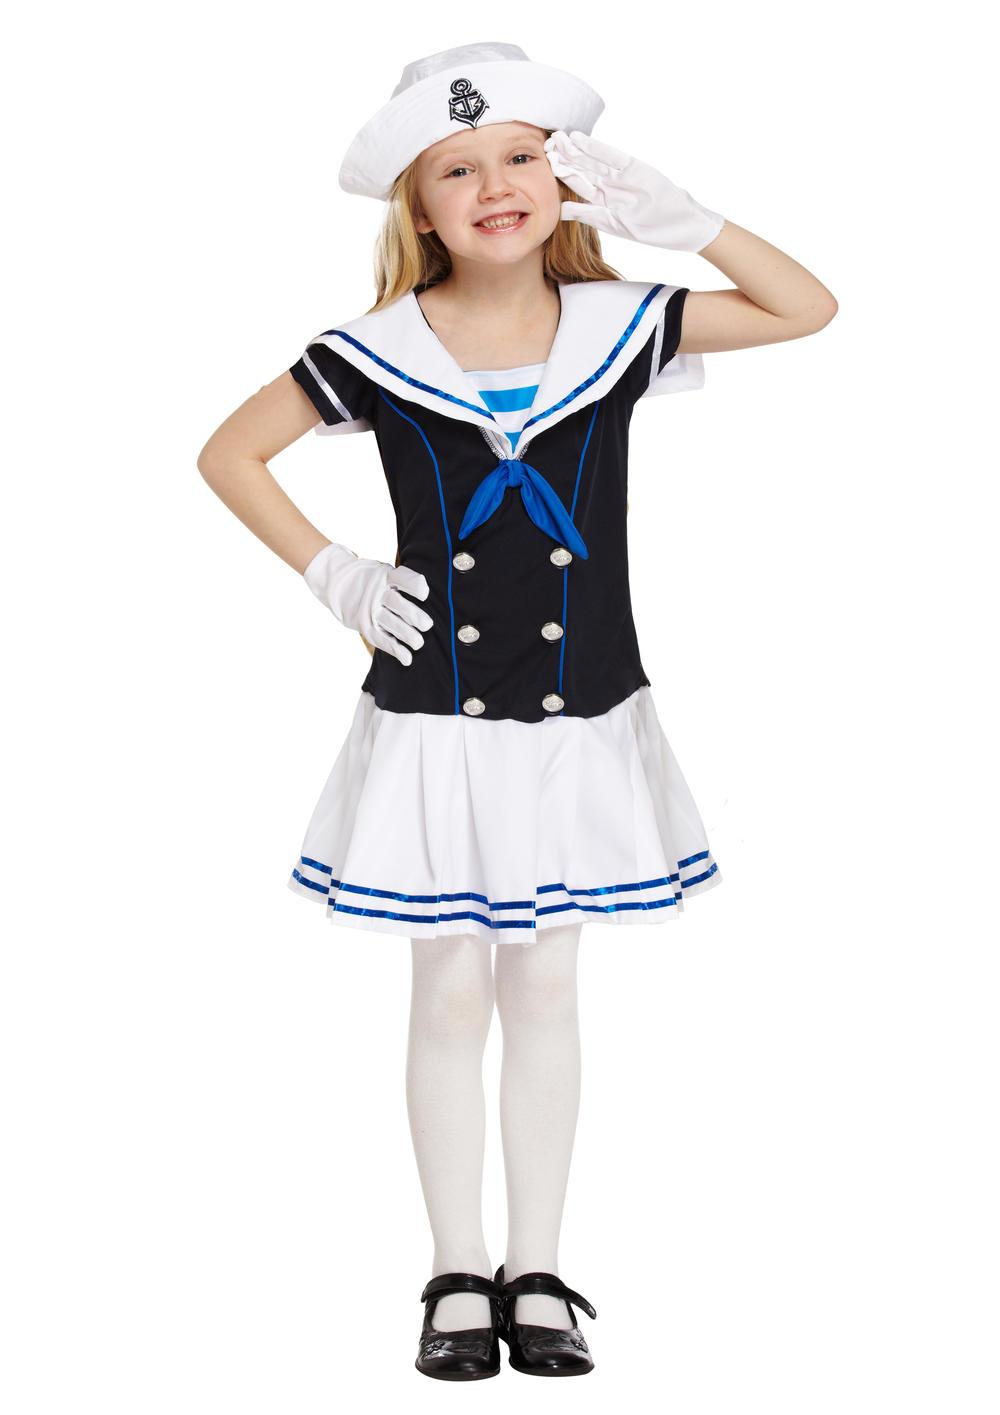 Sailor Girls Fancy Dress Marine Navy Uniform Kids Childrens Childs Costume + Hat